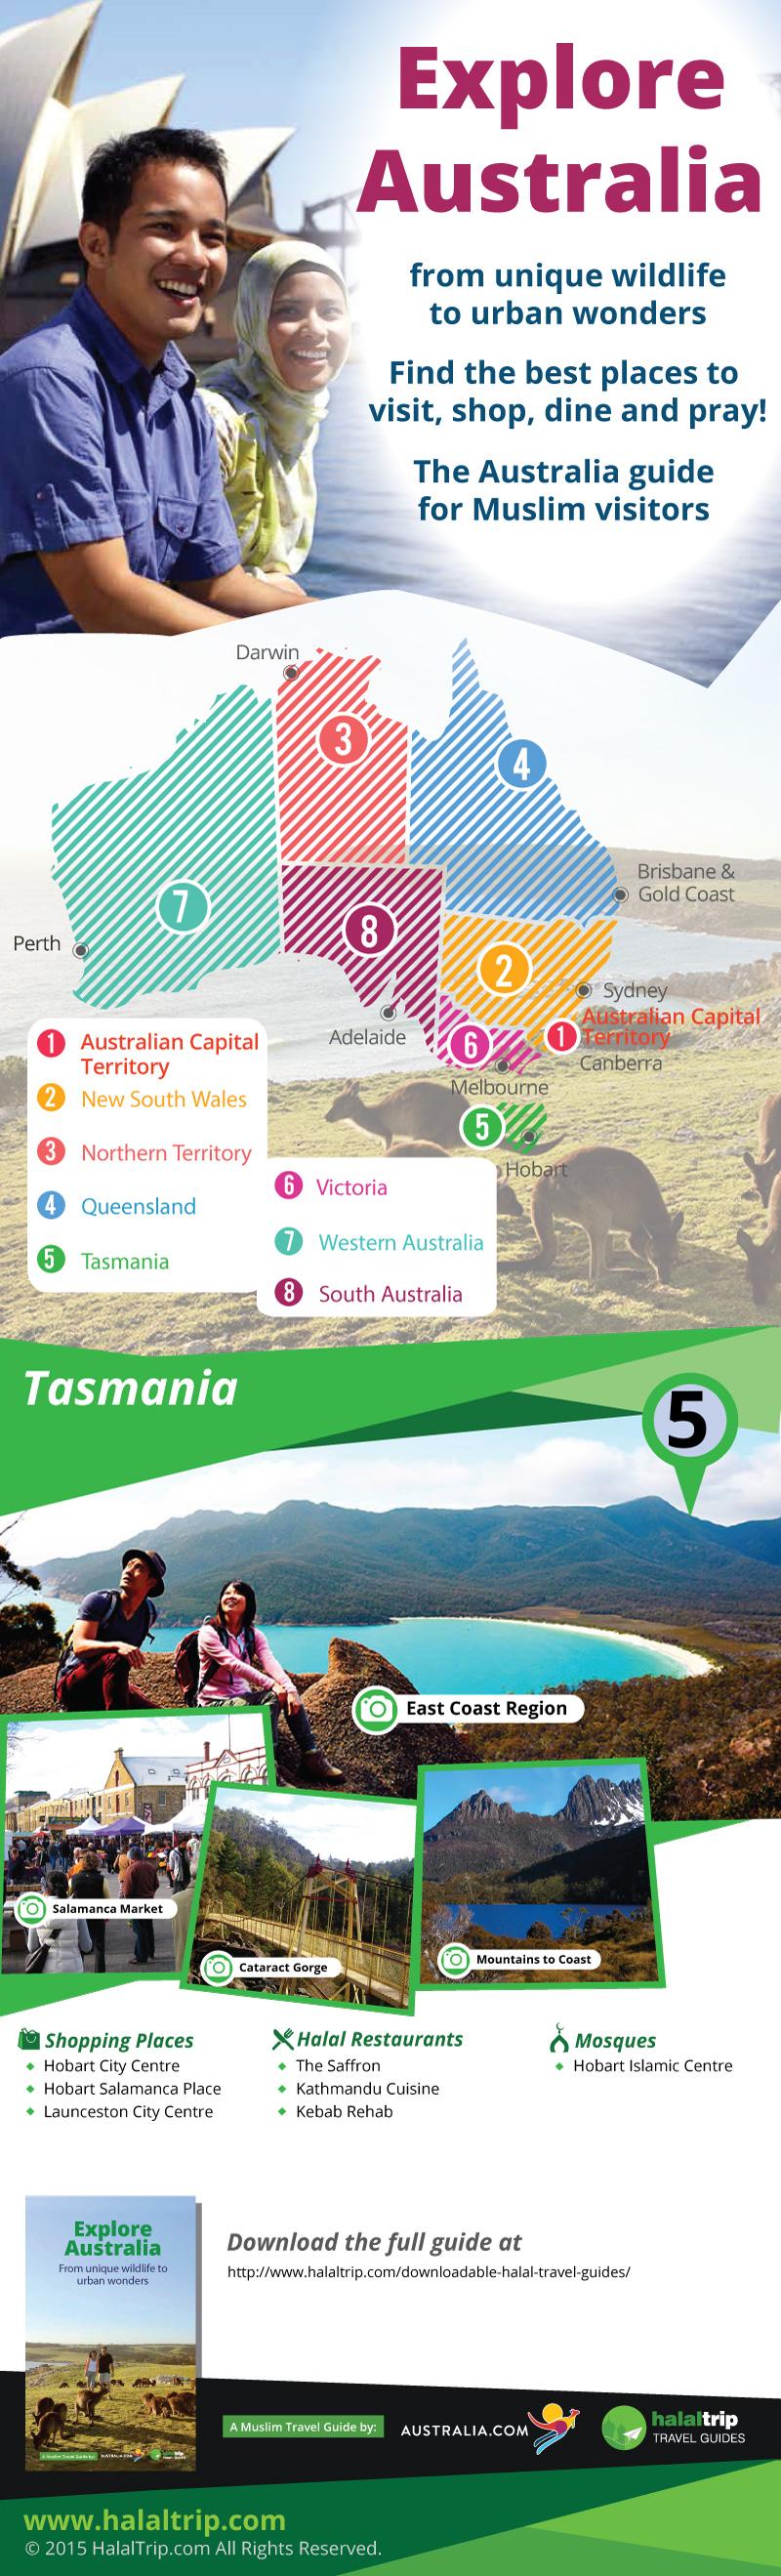 5-Tasmania